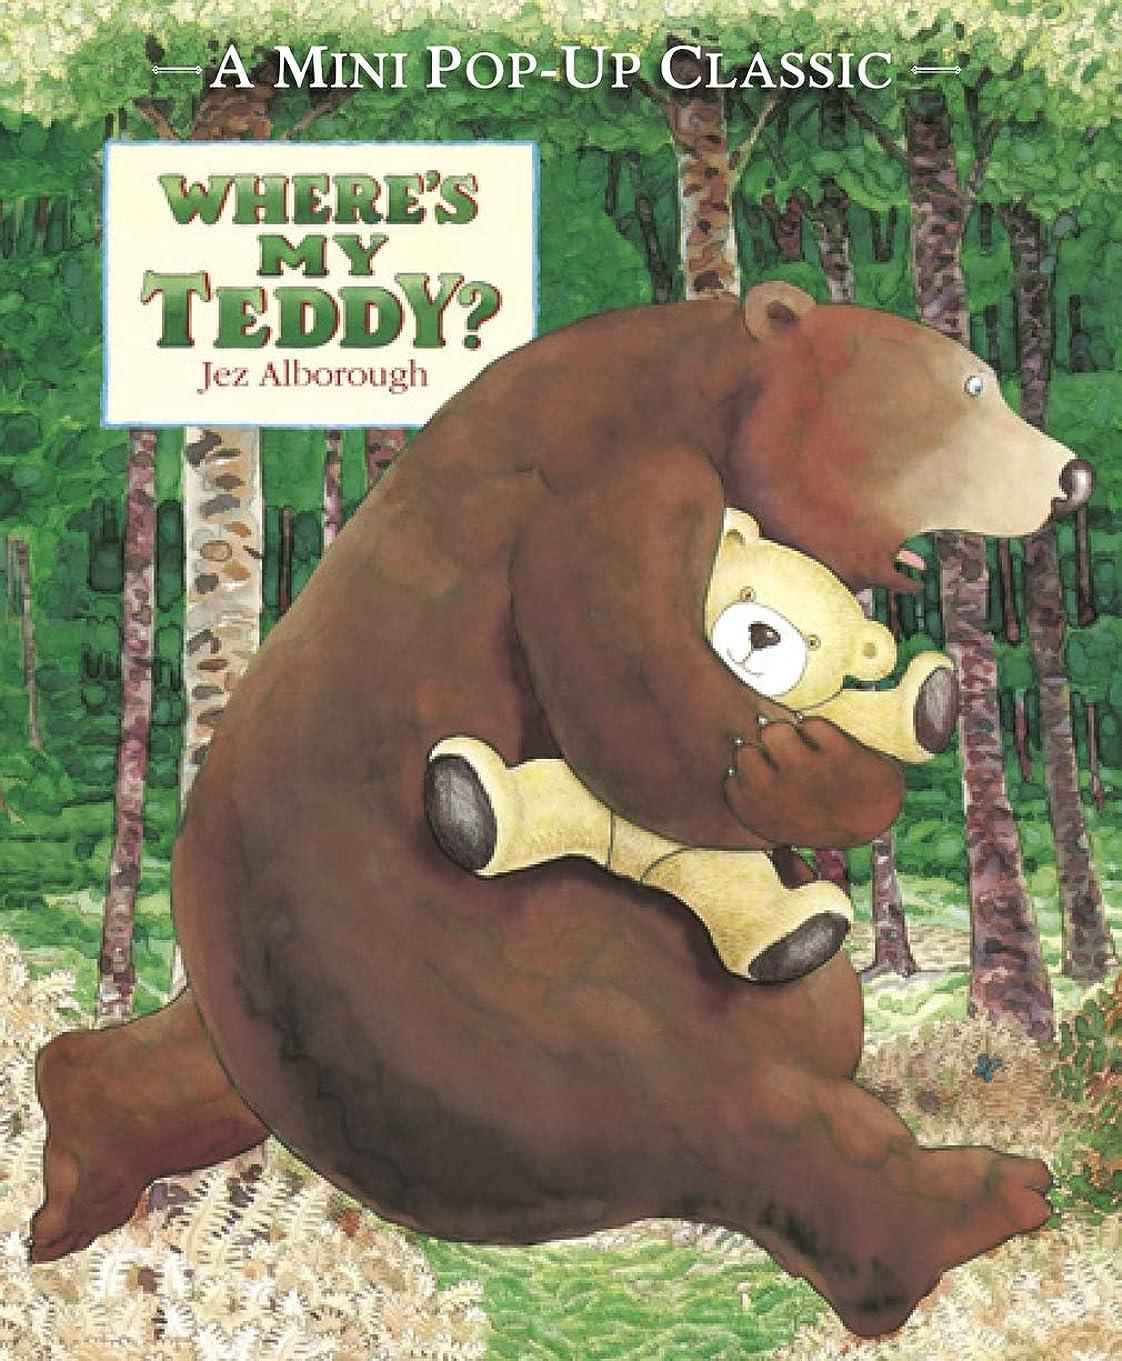 クリスマス証明刺すWhere's My Teddy? (Eddy and the Bear)